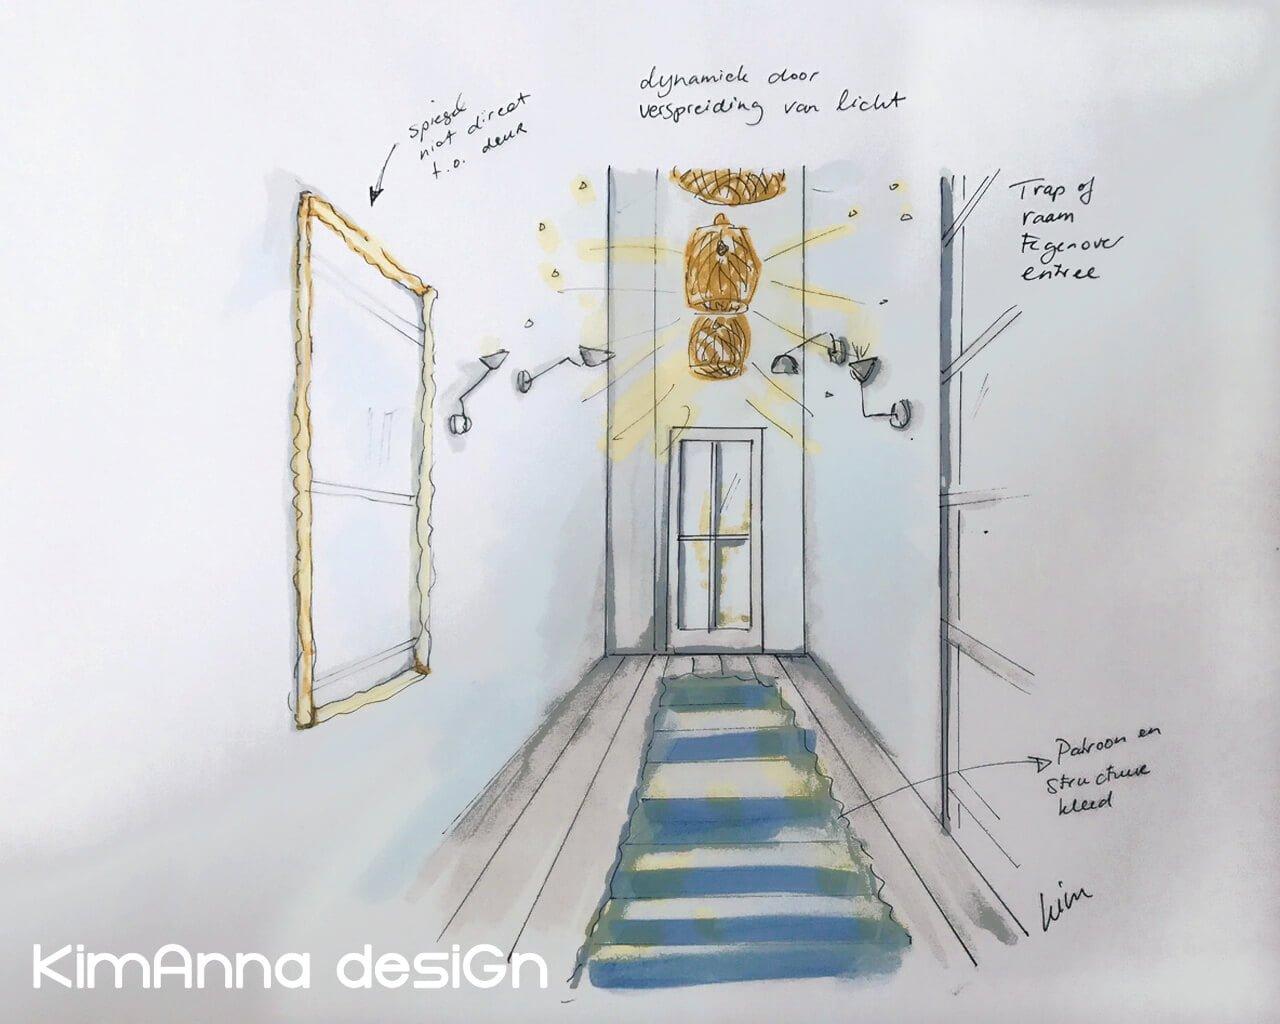 Inrichtingsidee voor hal, spelen met licht, spiegel en patronen Kim Anna desiGn